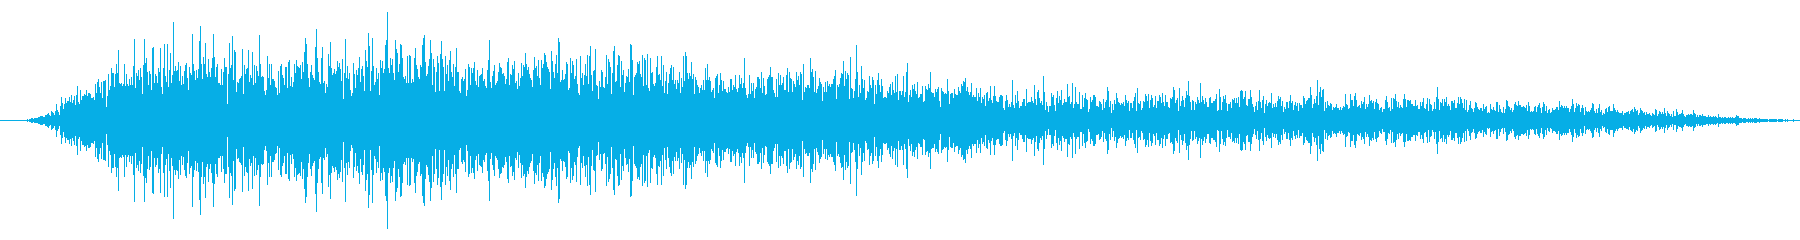 小さな処理されたマイクロエアバーストの再生済みの波形